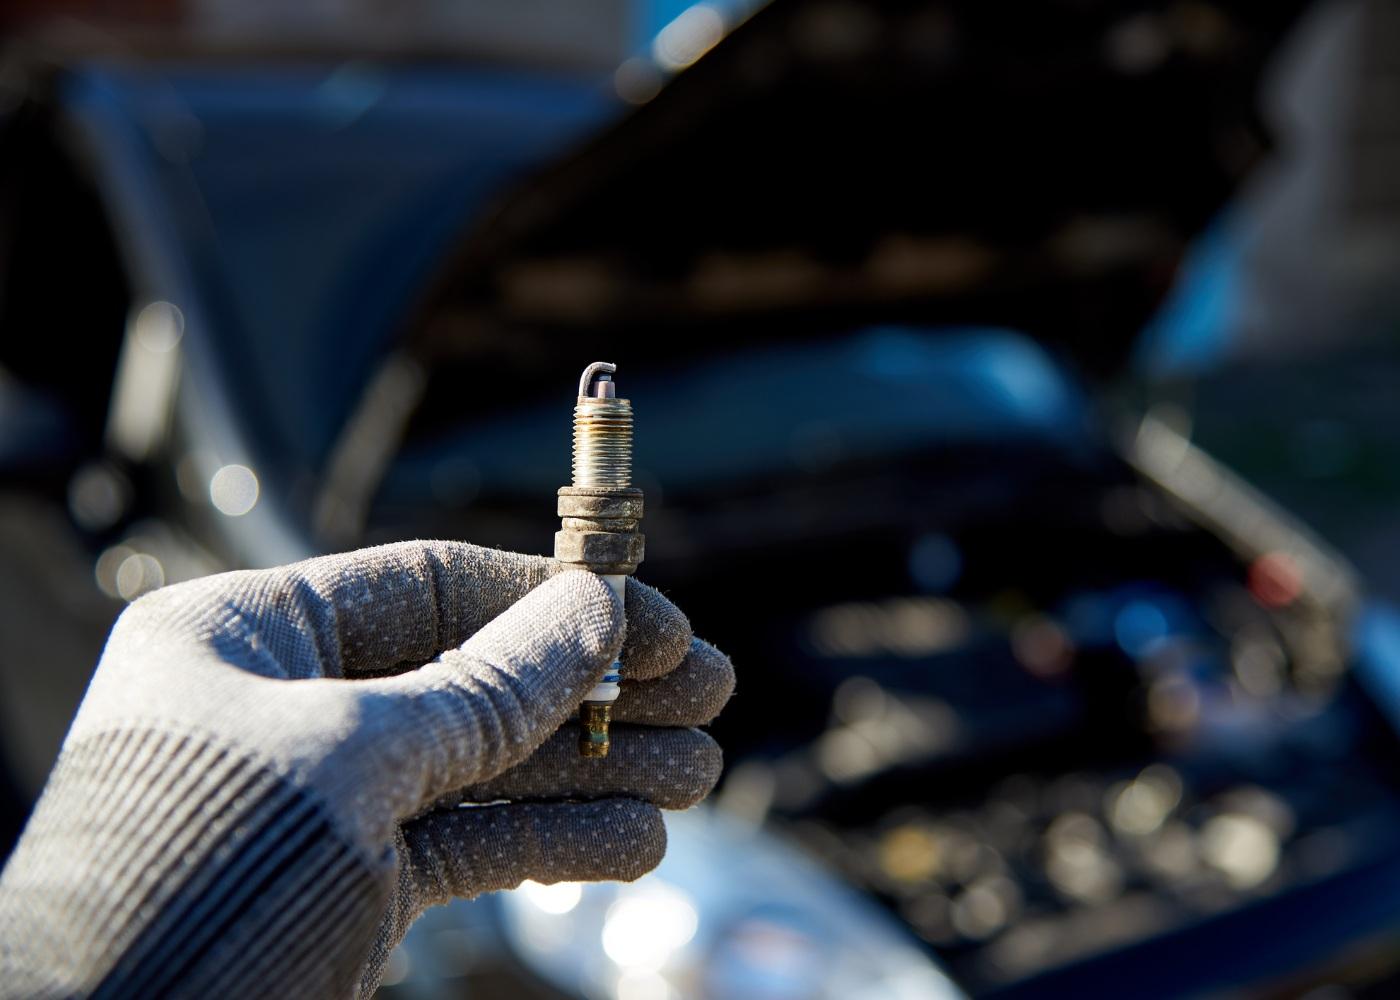 mecânico a mudar as velas do carro